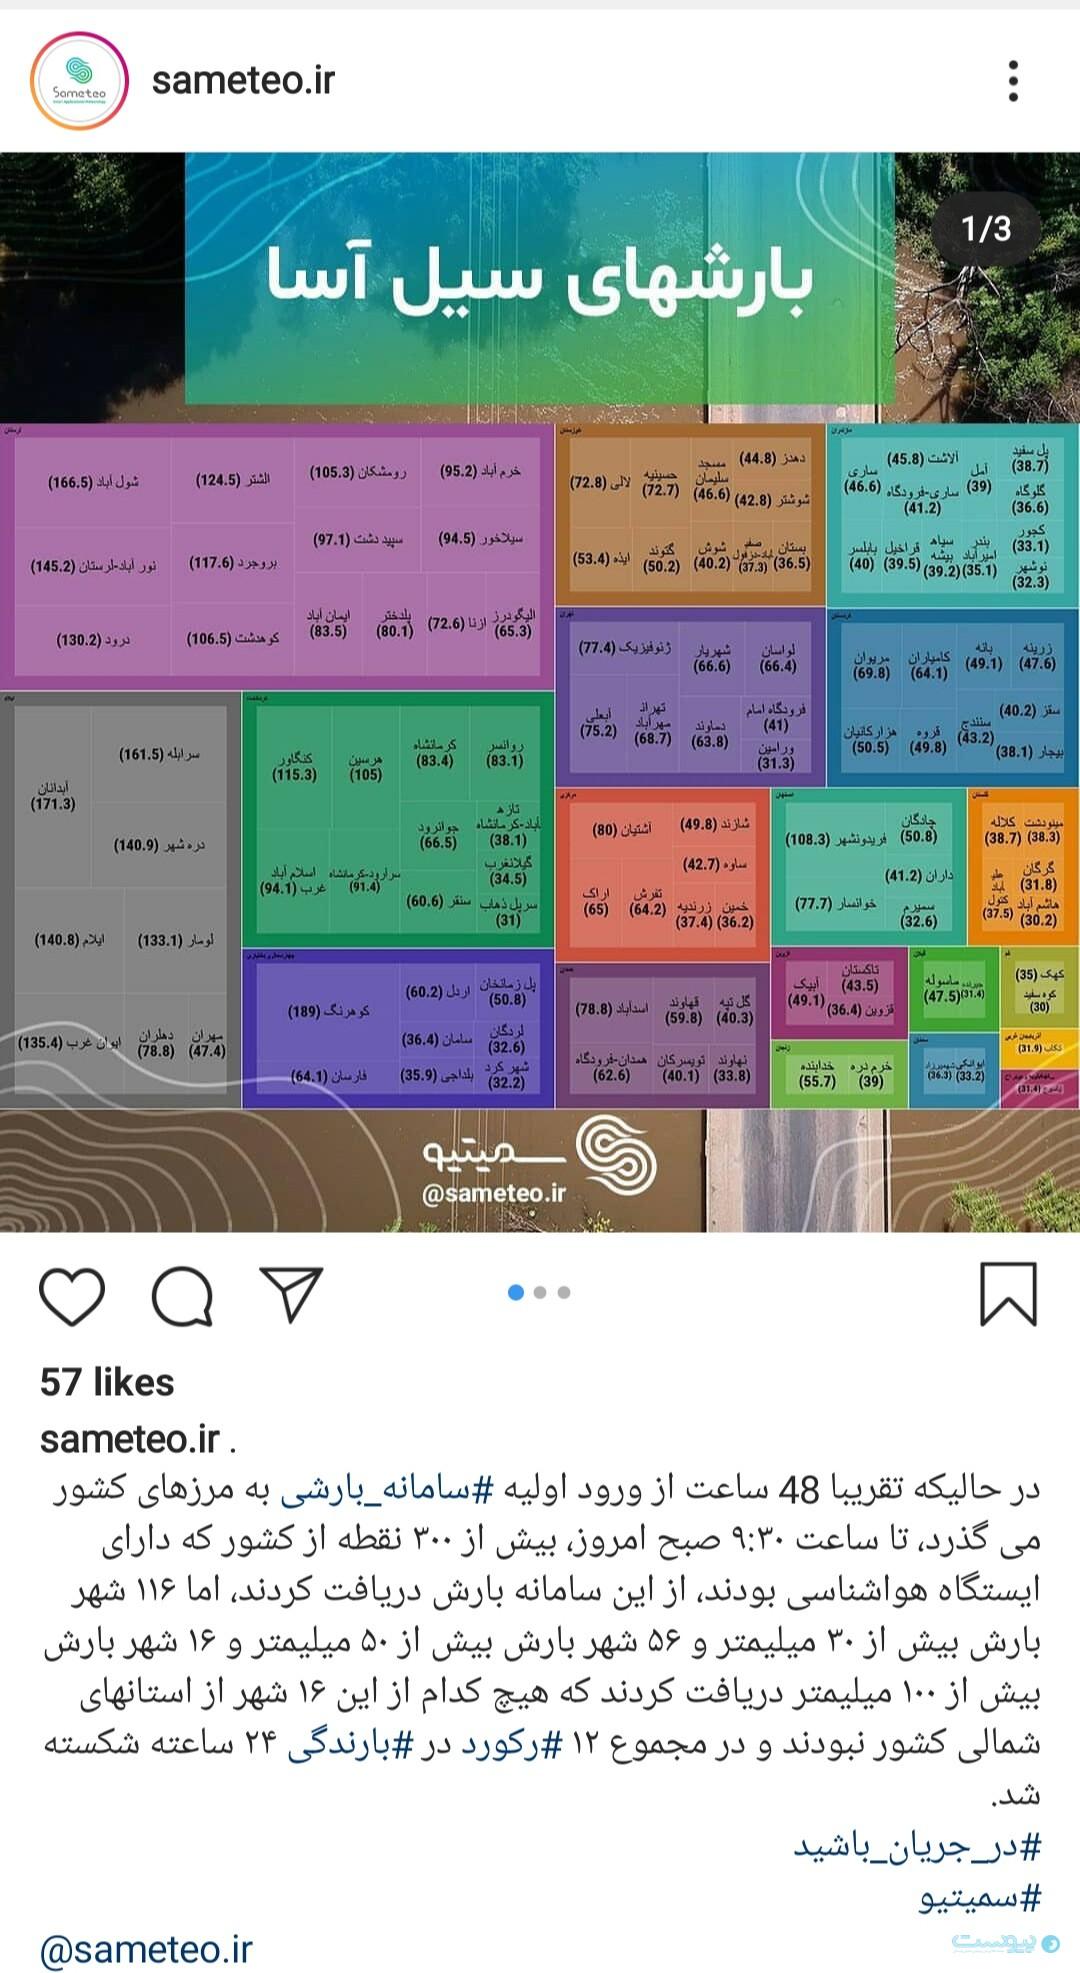 سیمیتو در شبکههای اجتماعی خود مانند اینستاگرام و تلگرام هشدارها و اطلاعیههای هواشناسی را منتشر میکند